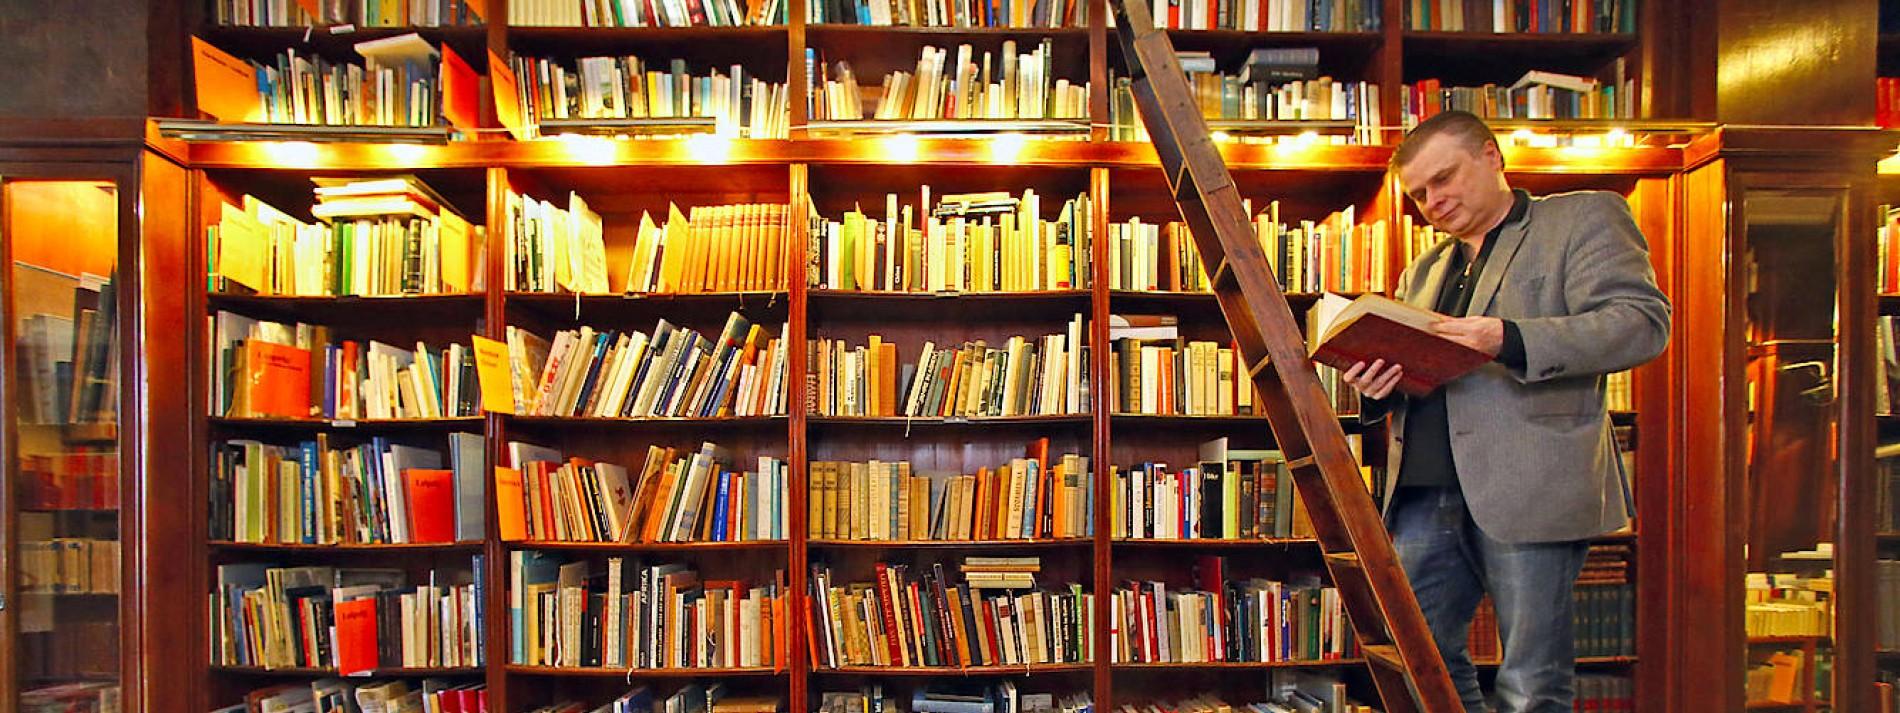 Freigeister, Geistbefreier und ein Bücherdieb